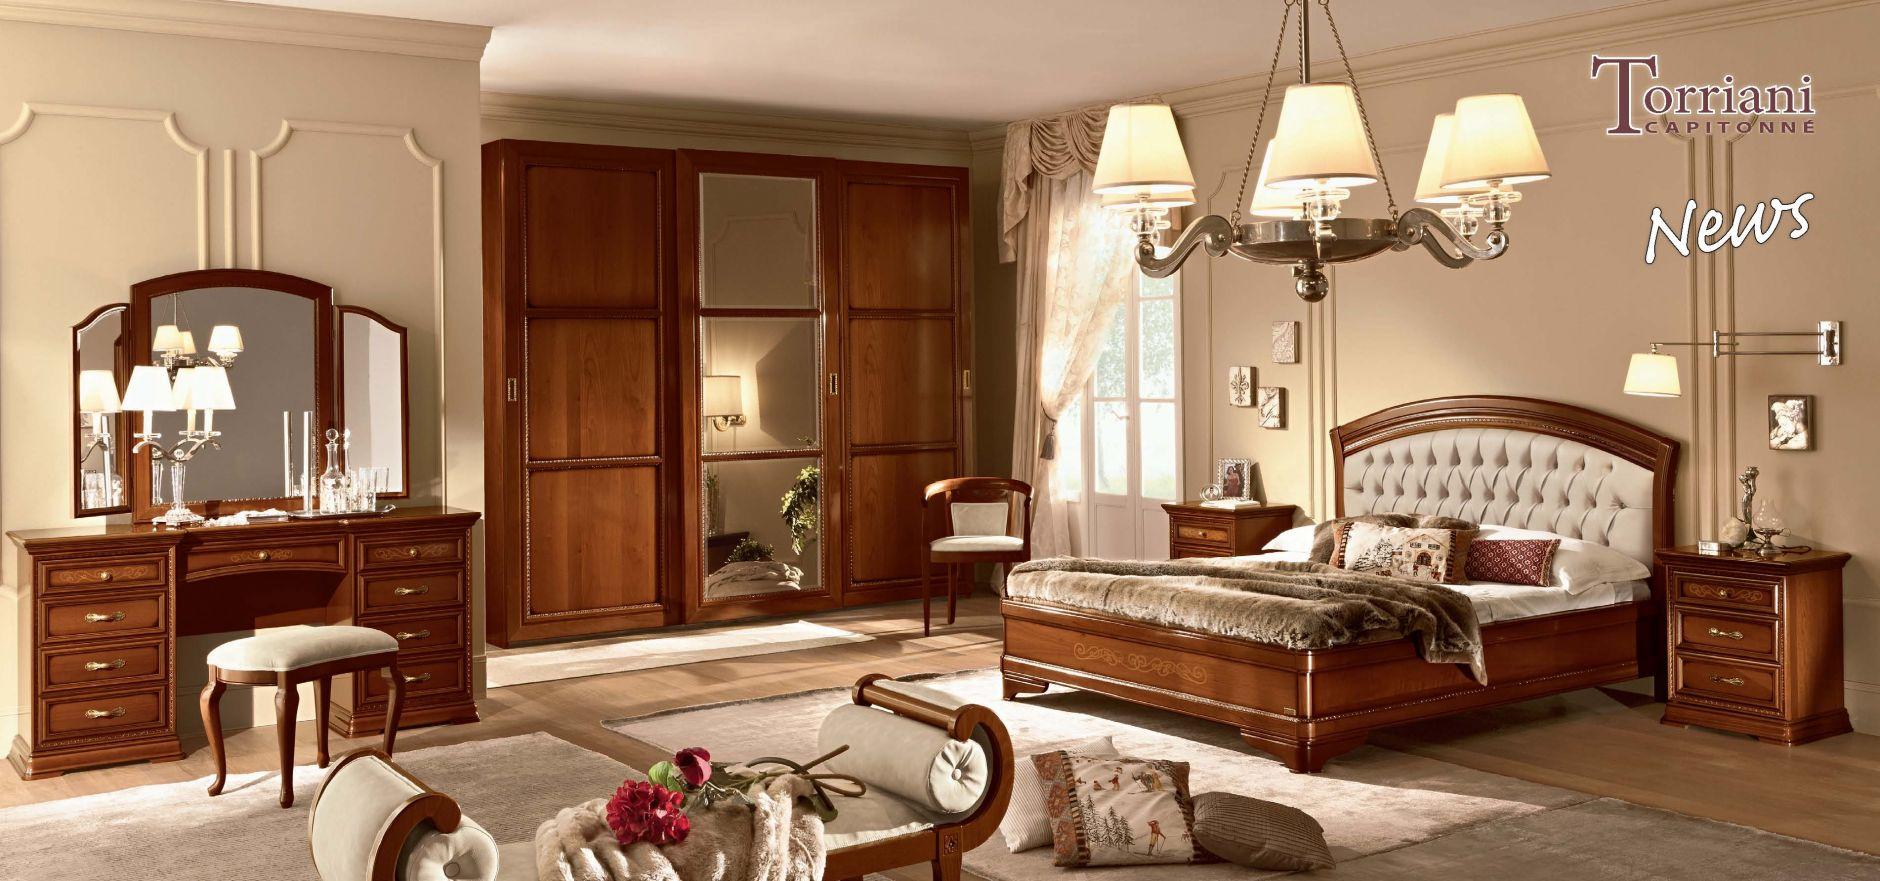 meubles classiques chambre coucher camelgroup mod le torriani capitonneles meubles de l 39 italie. Black Bedroom Furniture Sets. Home Design Ideas